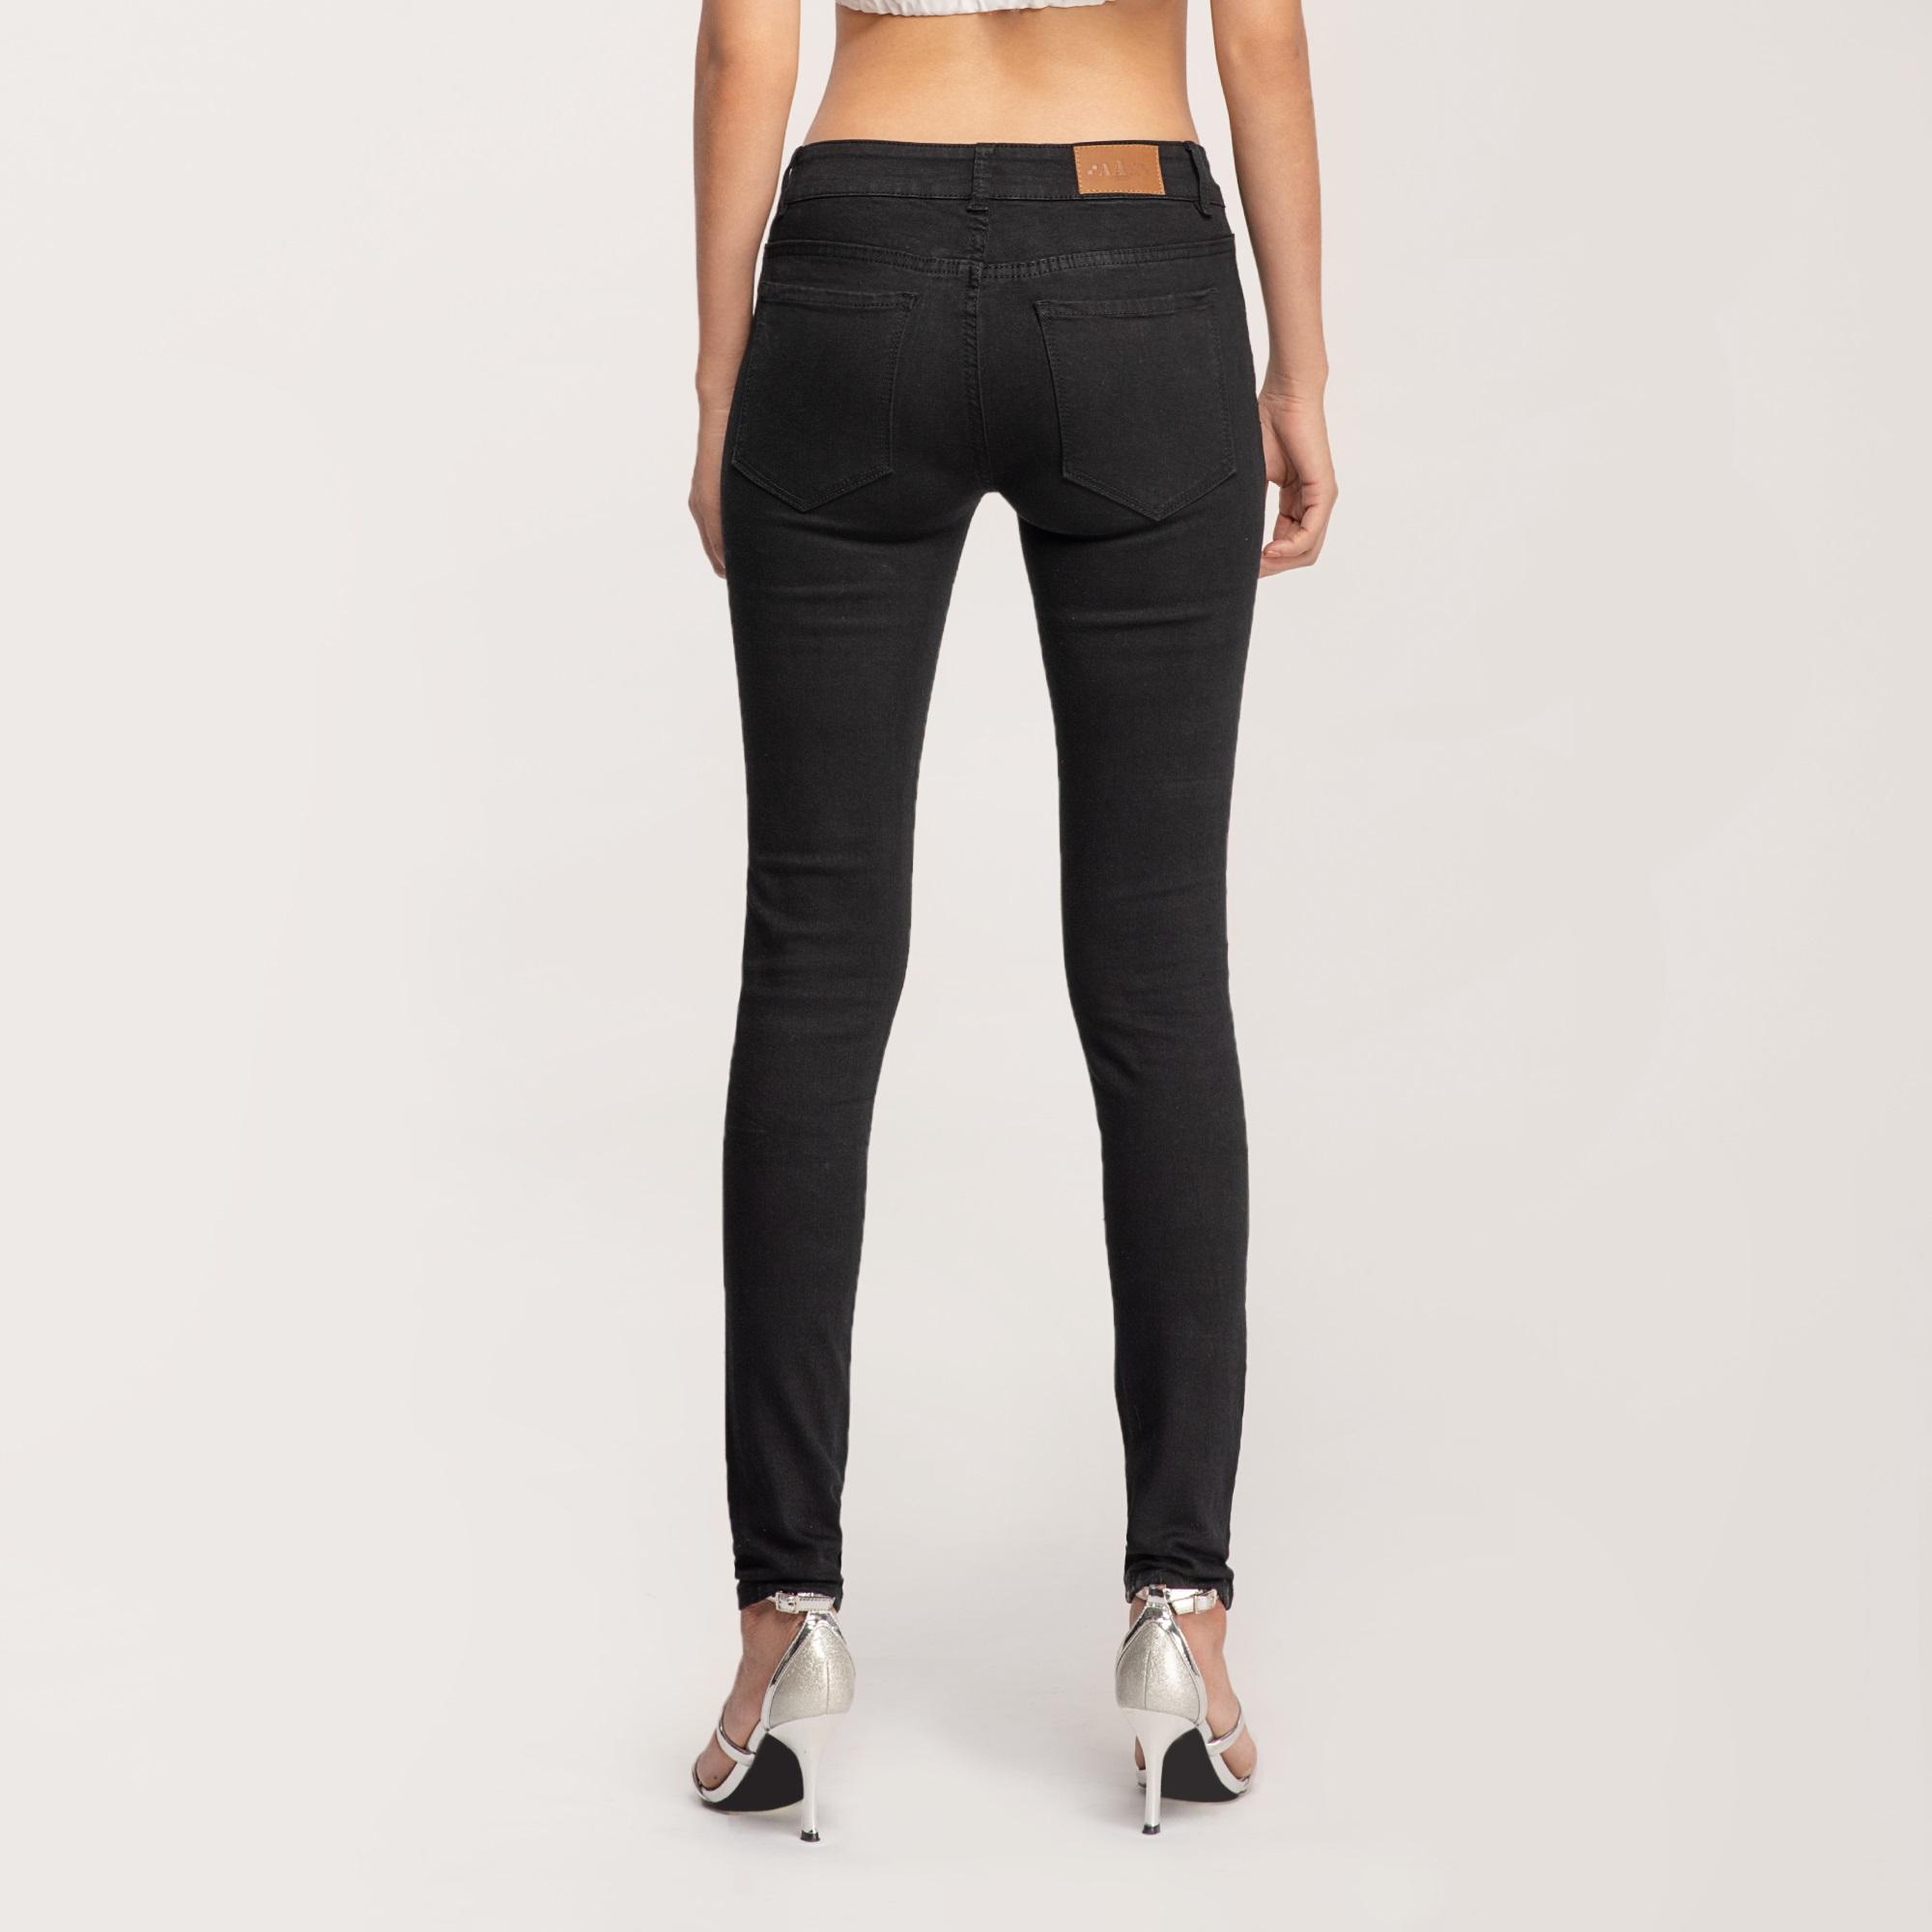 Quần Jean Nữ Skinny Lưng Vừa Aaa Jeans Có Nhiều Màu Size 26 - 32 12